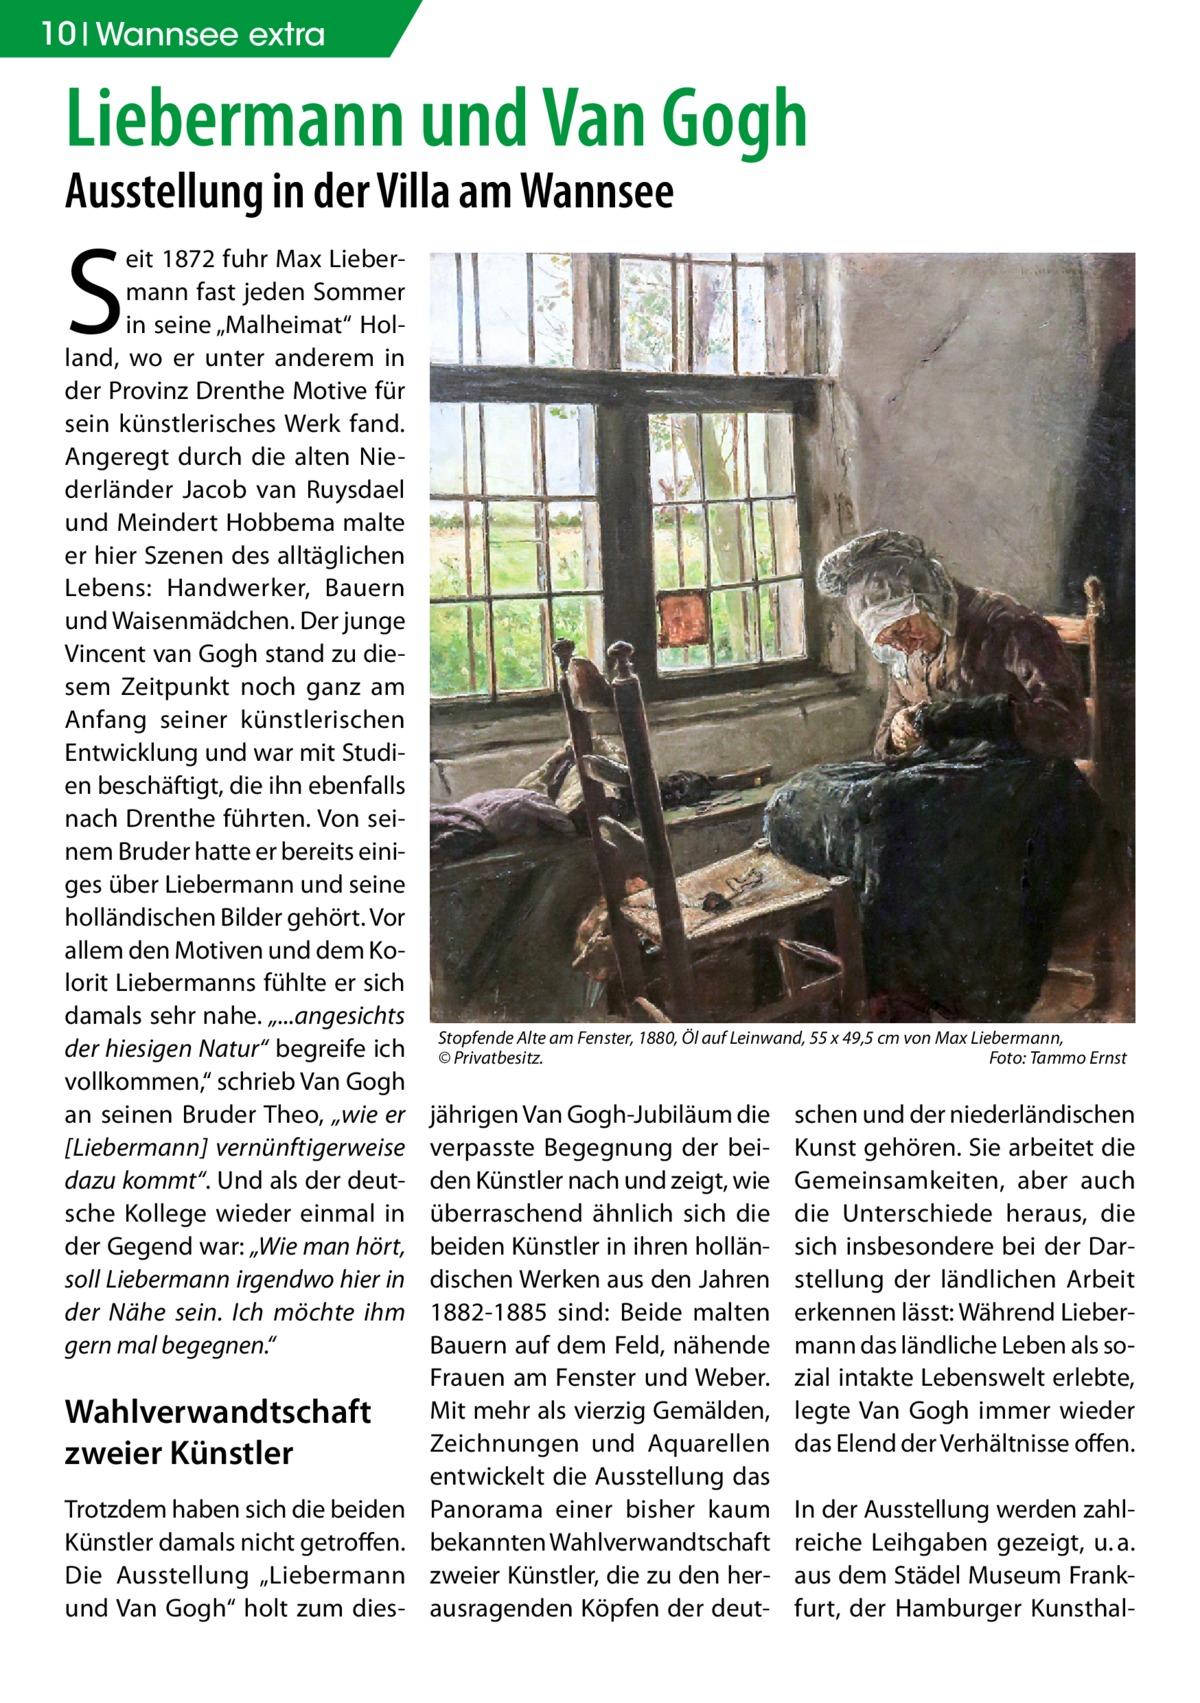 """10 Wannsee extra  Liebermann und Van Gogh Ausstellung in der Villa am Wannsee  S  eit 1872 fuhr Max Liebermann fast jeden Sommer in seine """"Malheimat"""" Holland, wo er unter anderem in der Provinz Drenthe Motive für sein künstlerisches Werk fand. Angeregt durch die alten Niederländer Jacob van Ruysdael und Meindert Hobbema malte er hier Szenen des alltäglichen Lebens: Handwerker, Bauern und Waisenmädchen. Der junge Vincent van Gogh stand zu diesem Zeitpunkt noch ganz am Anfang seiner künstlerischen Entwicklung und war mit Studien beschäftigt, die ihn ebenfalls nach Drenthe führten. Von seinem Bruder hatte er bereits einiges über Liebermann und seine holländischen Bilder gehört. Vor allem den Motiven und dem Kolorit Liebermanns fühlte er sich damals sehr nahe. """"...angesichts der hiesigen Natur"""" begreife ich vollkommen,"""" schrieb Van Gogh an seinen Bruder Theo, """"wie er [Liebermann] vernünftigerweise dazu kommt"""". Und als der deutsche Kollege wieder einmal in der Gegend war: """"Wie man hört, soll Liebermann irgendwo hier in der Nähe sein. Ich möchte ihm gern mal begegnen.""""  Wahlverwandtschaft zweier Künstler Trotzdem haben sich die beiden Künstler damals nicht getroffen. Die Ausstellung """"Liebermann und Van Gogh"""" holt zum dies Stopfende Alte am Fenster, 1880, Öl auf Leinwand, 55 x 49,5cm von Max Liebermann, ©Privatbesitz.� Foto: Tammo Ernst  jährigen Van Gogh-Jubiläum die verpasste Begegnung der beiden Künstler nach und zeigt, wie überraschend ähnlich sich die beiden Künstler in ihren holländischen Werken aus den Jahren 1882-1885 sind: Beide malten Bauern auf dem Feld, nähende Frauen am Fenster und Weber. Mit mehr als vierzig Gemälden, Zeichnungen und Aquarellen entwickelt die Ausstellung das Panorama einer bisher kaum bekannten Wahlverwandtschaft zweier Künstler, die zu den herausragenden Köpfen der deut schen und der niederländischen Kunst gehören. Sie arbeitet die Gemeinsamkeiten, aber auch die Unterschiede heraus, die sich insbesondere bei der Darstellung der ländlichen Ar"""